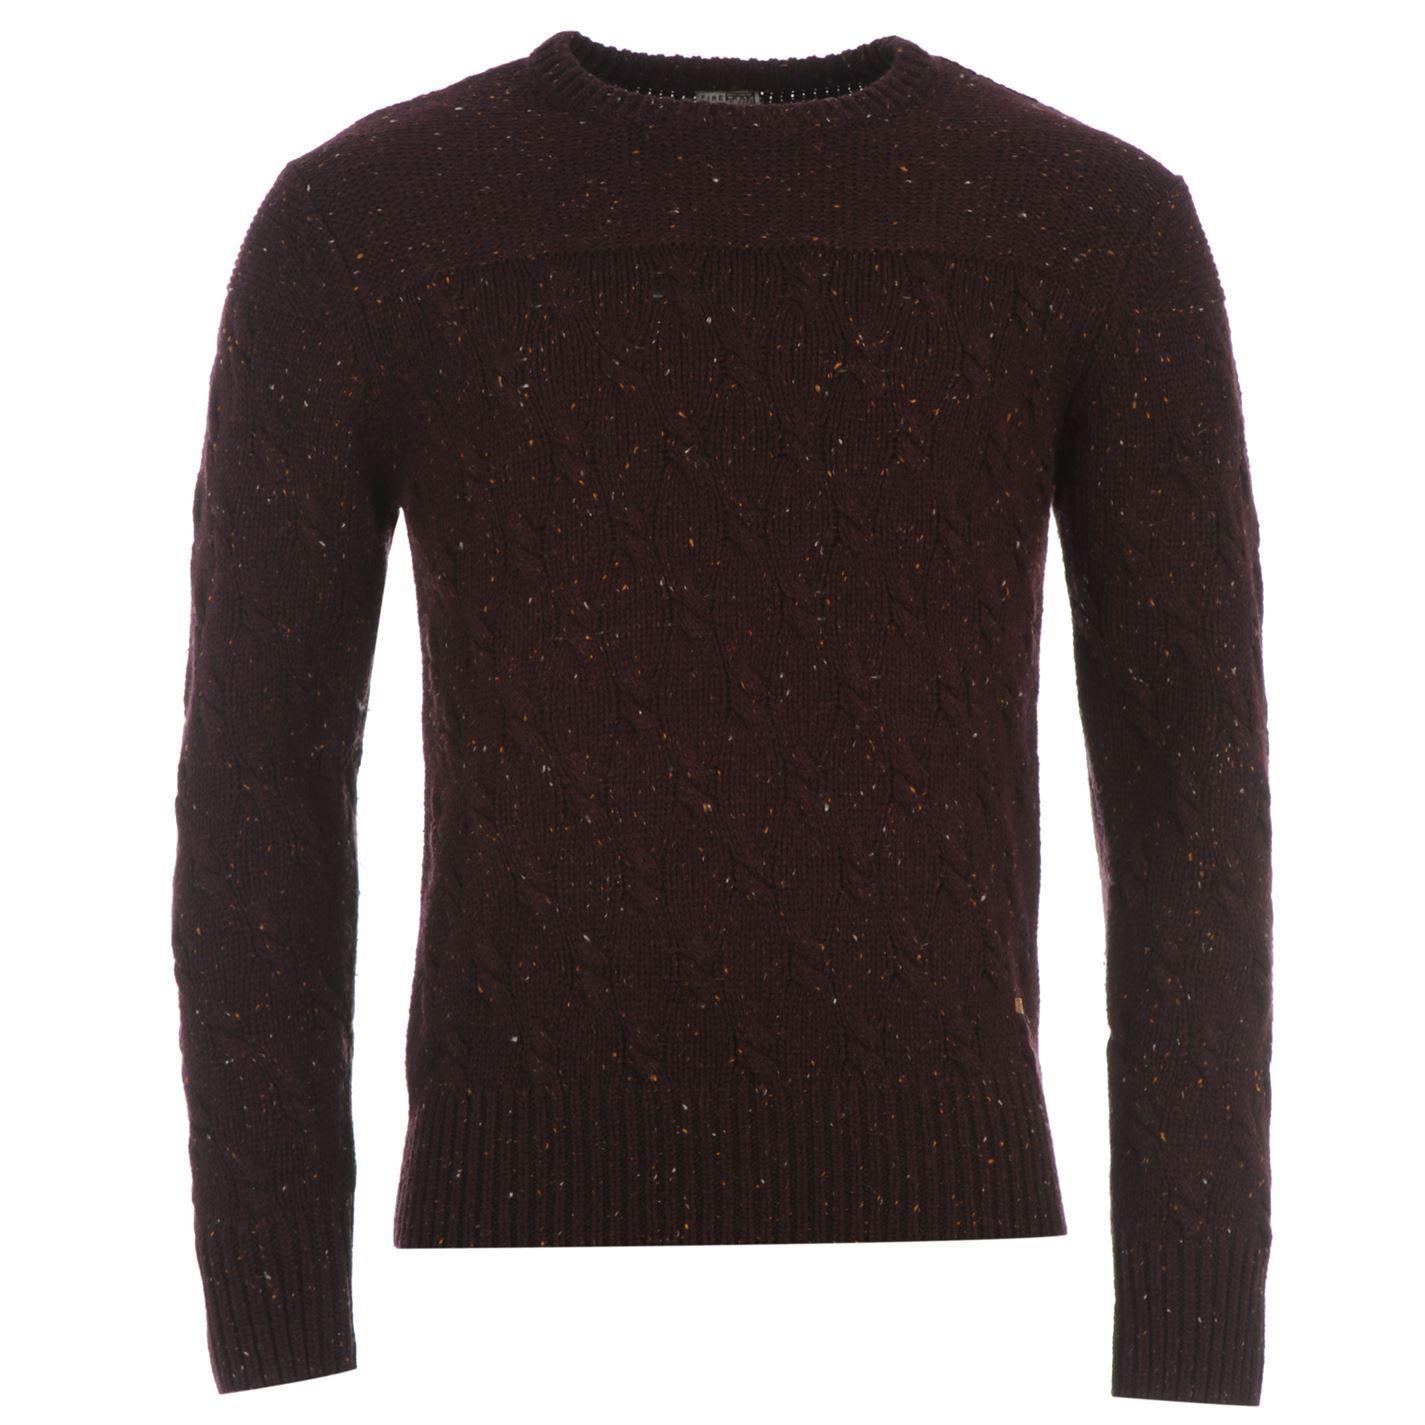 Firetrap | Firetrap Cable Knit Jumper Mens | Mens Sweatshirts